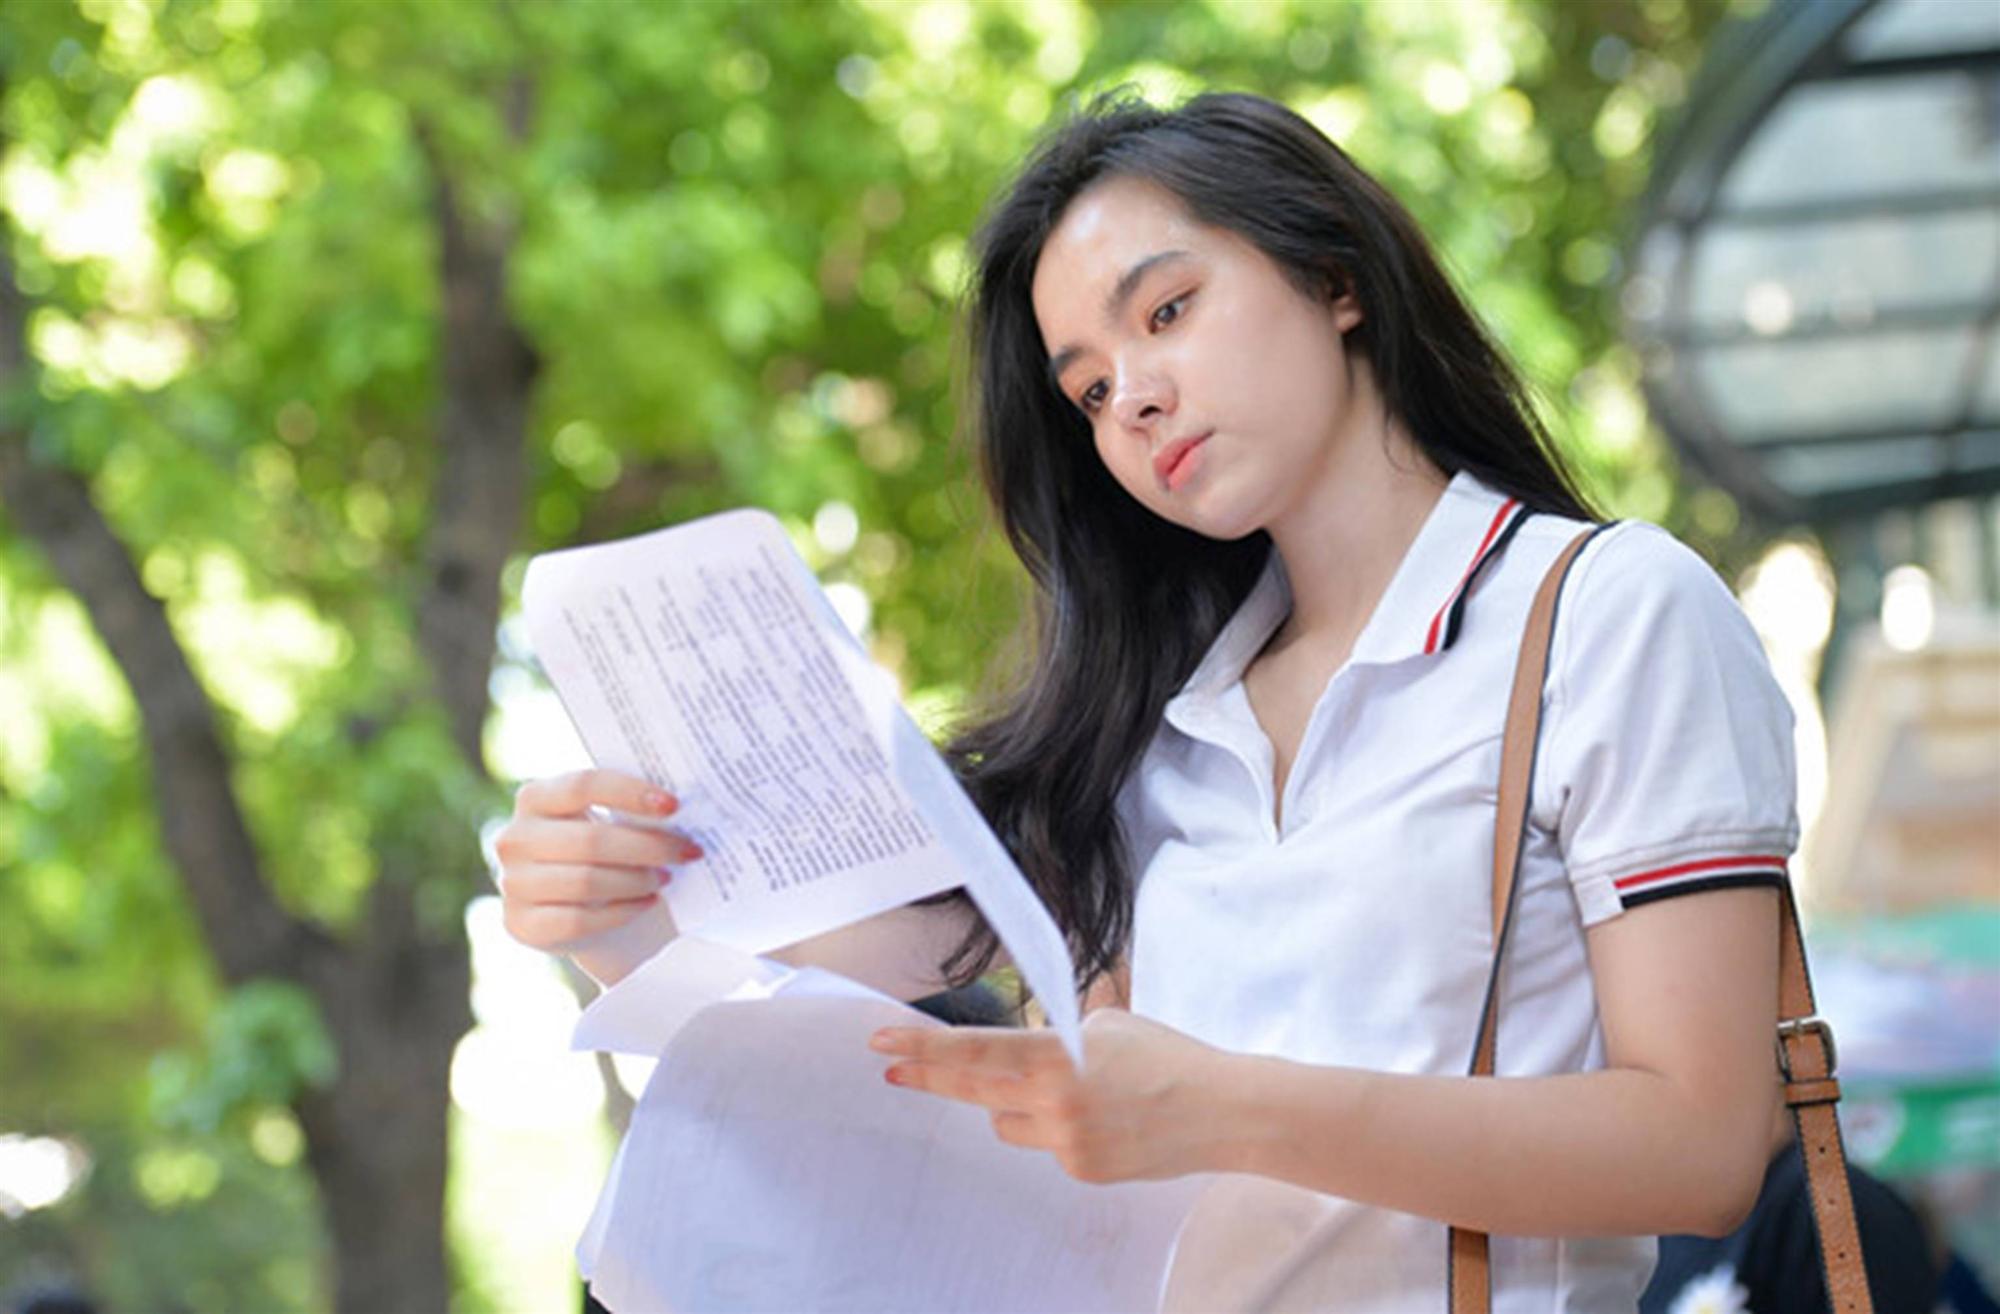 Nhan sắc nữ sinh mang 3 dòng máu nổi bật trong ngày thi THPT quốc gia-1